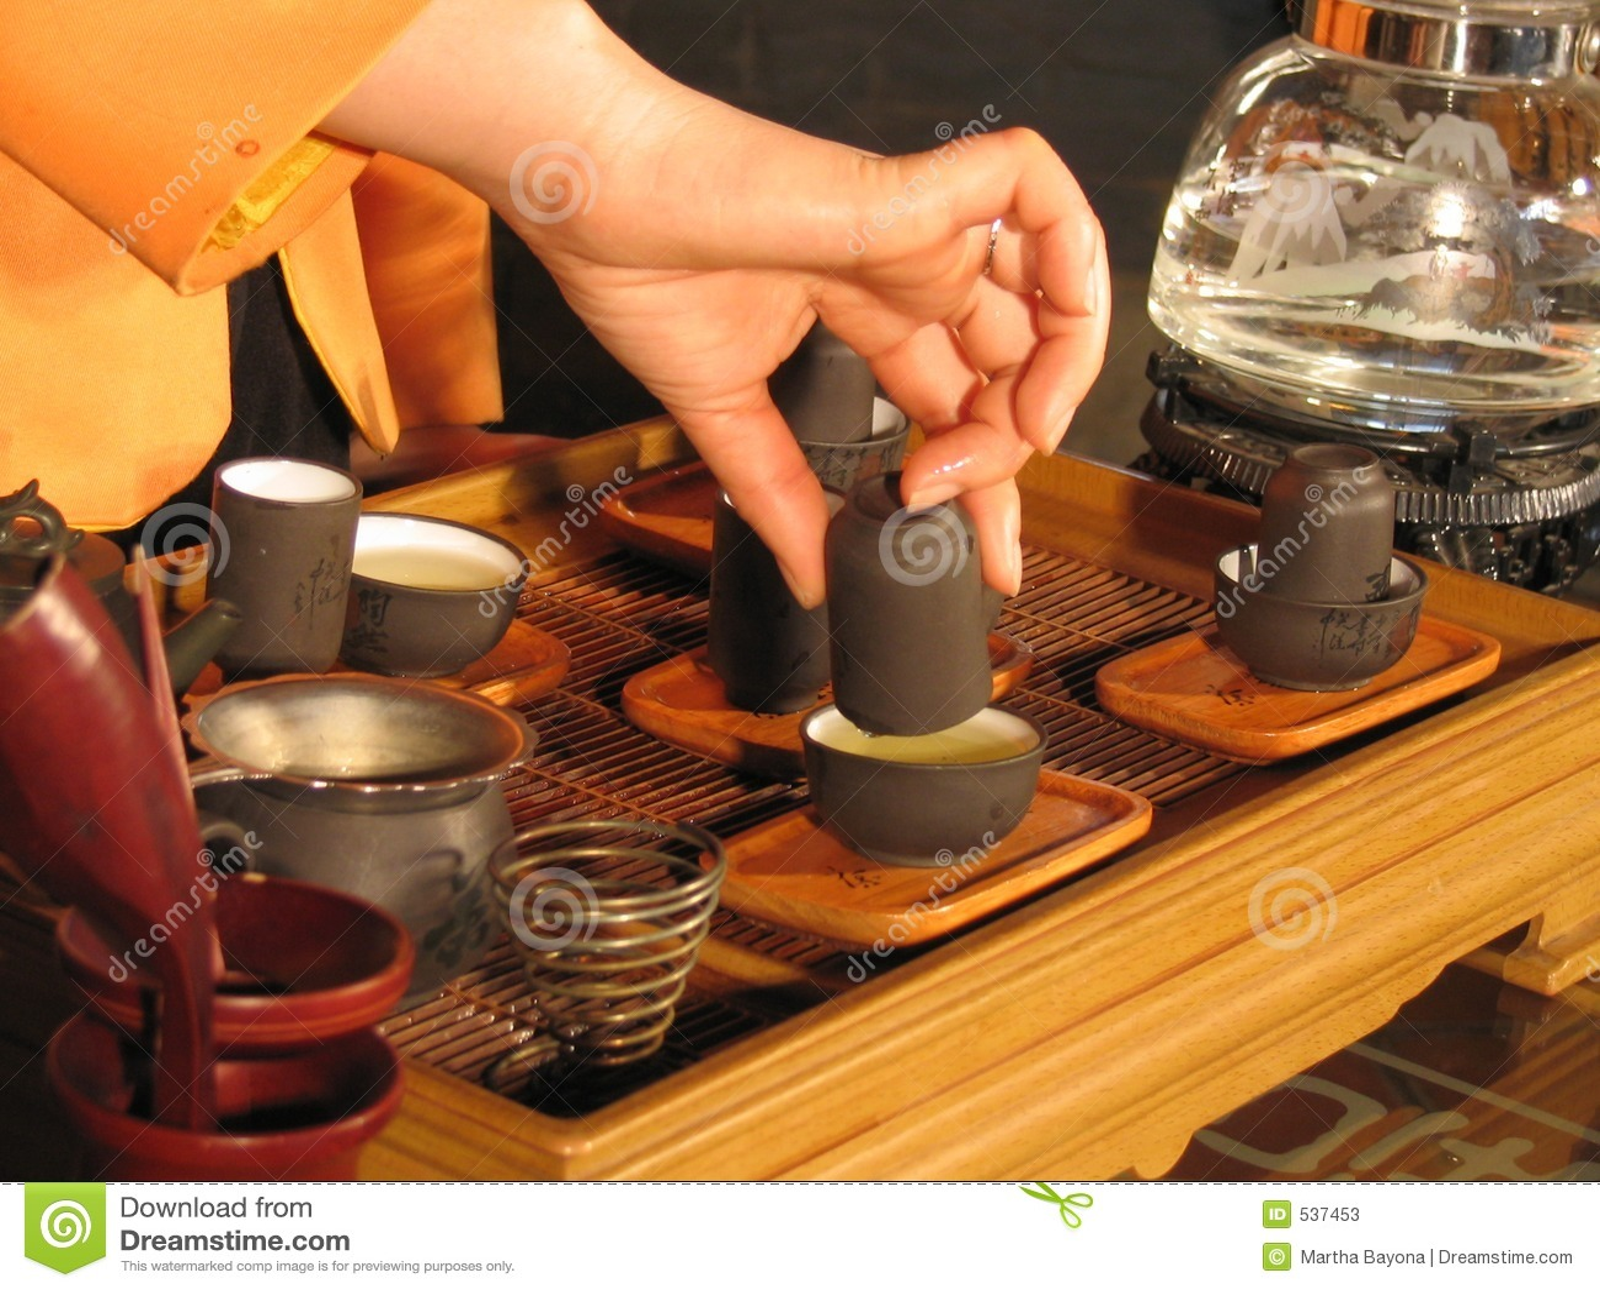 Download 中国茶 库存图片. 图片 包括有 杯子, 碗筷, 阿诺德, 注入, 汉语, 手指, 草本, 饮料, 健康, 聚会所 - 537453